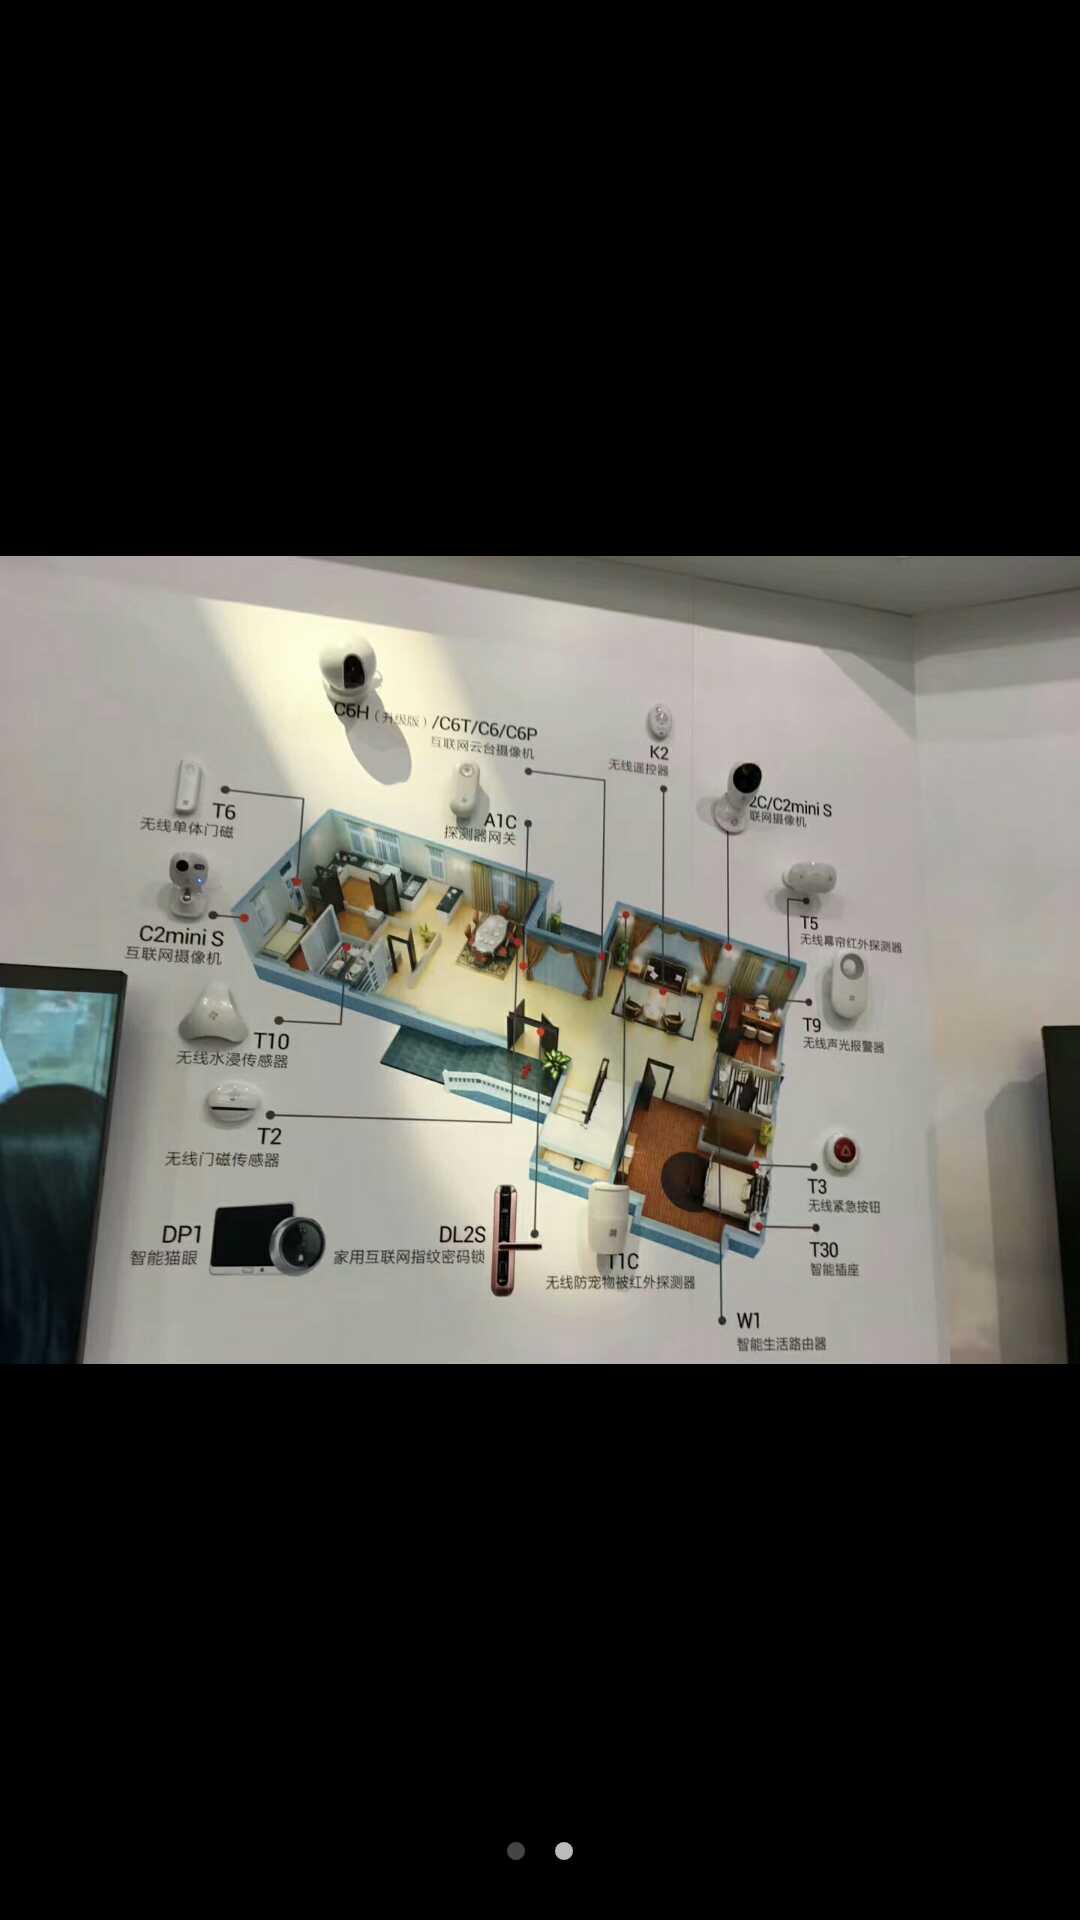 واي فاي الهاتف المحمول كاميرا بانورامية 360 درجة لمراقبة الشبكة اللاسلكية المنزلية عن بعد هد الرؤية الليلية